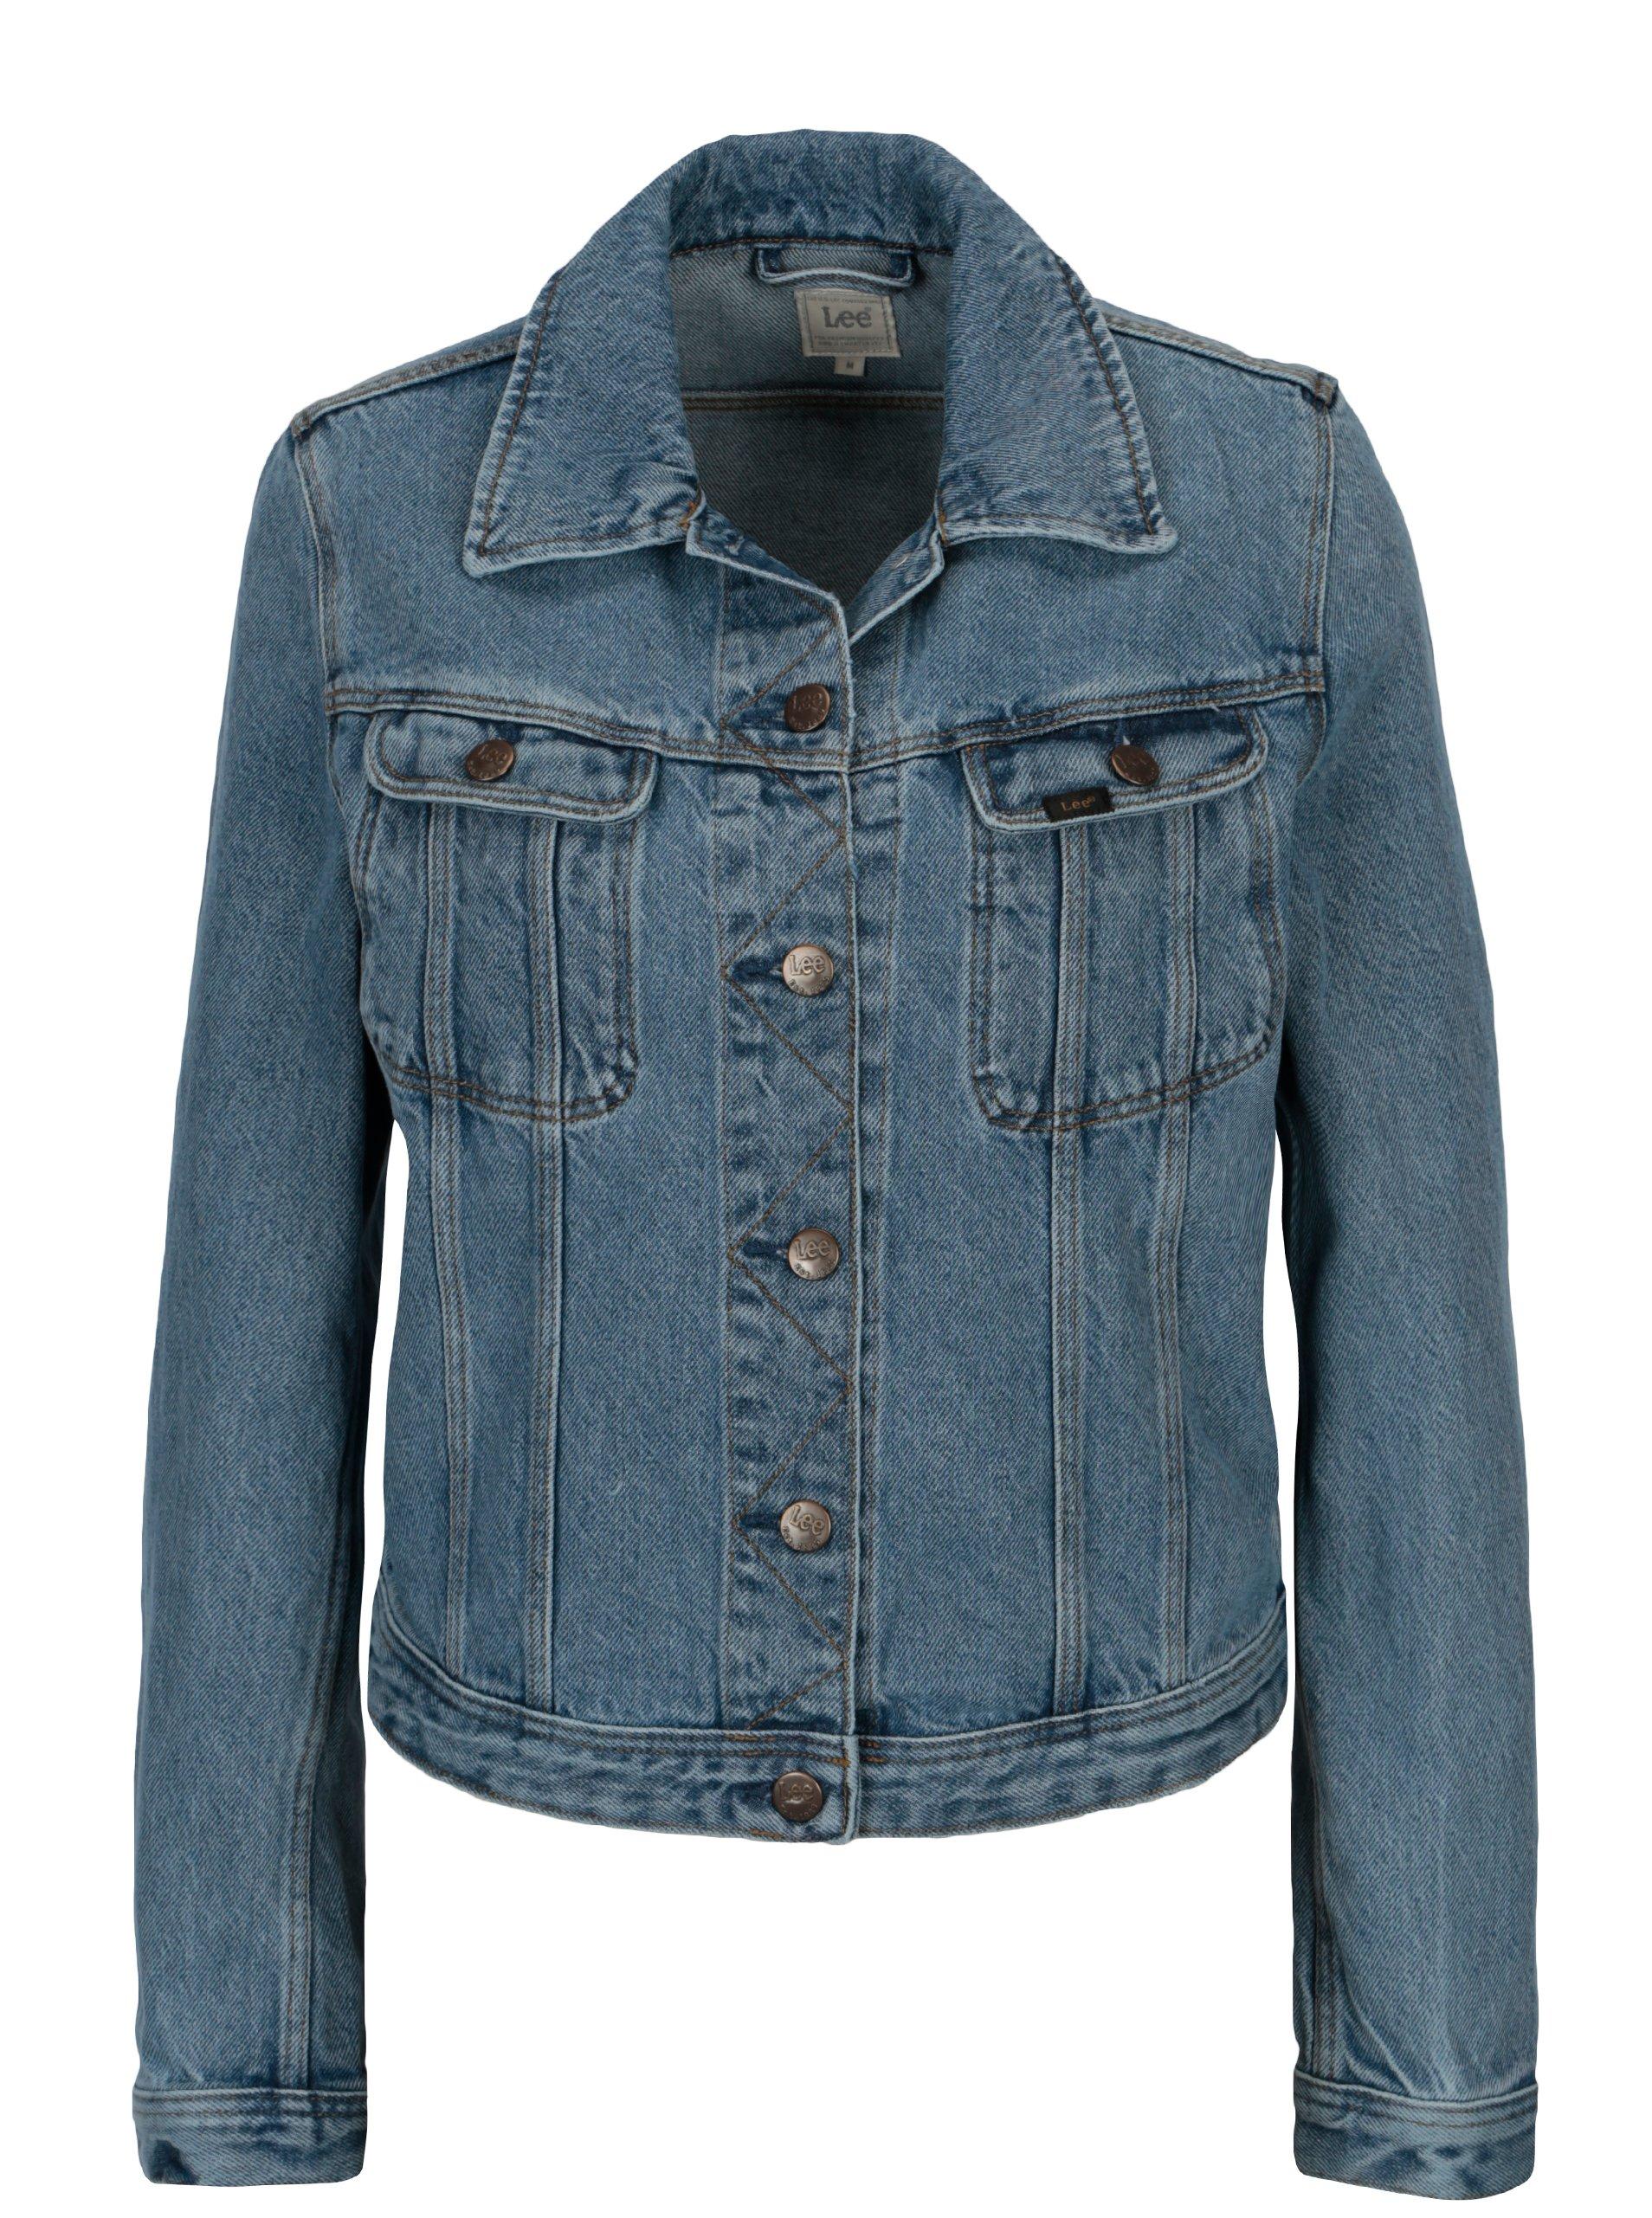 Modrá dámska rifľová bunda Lee Rider 15cf552621b